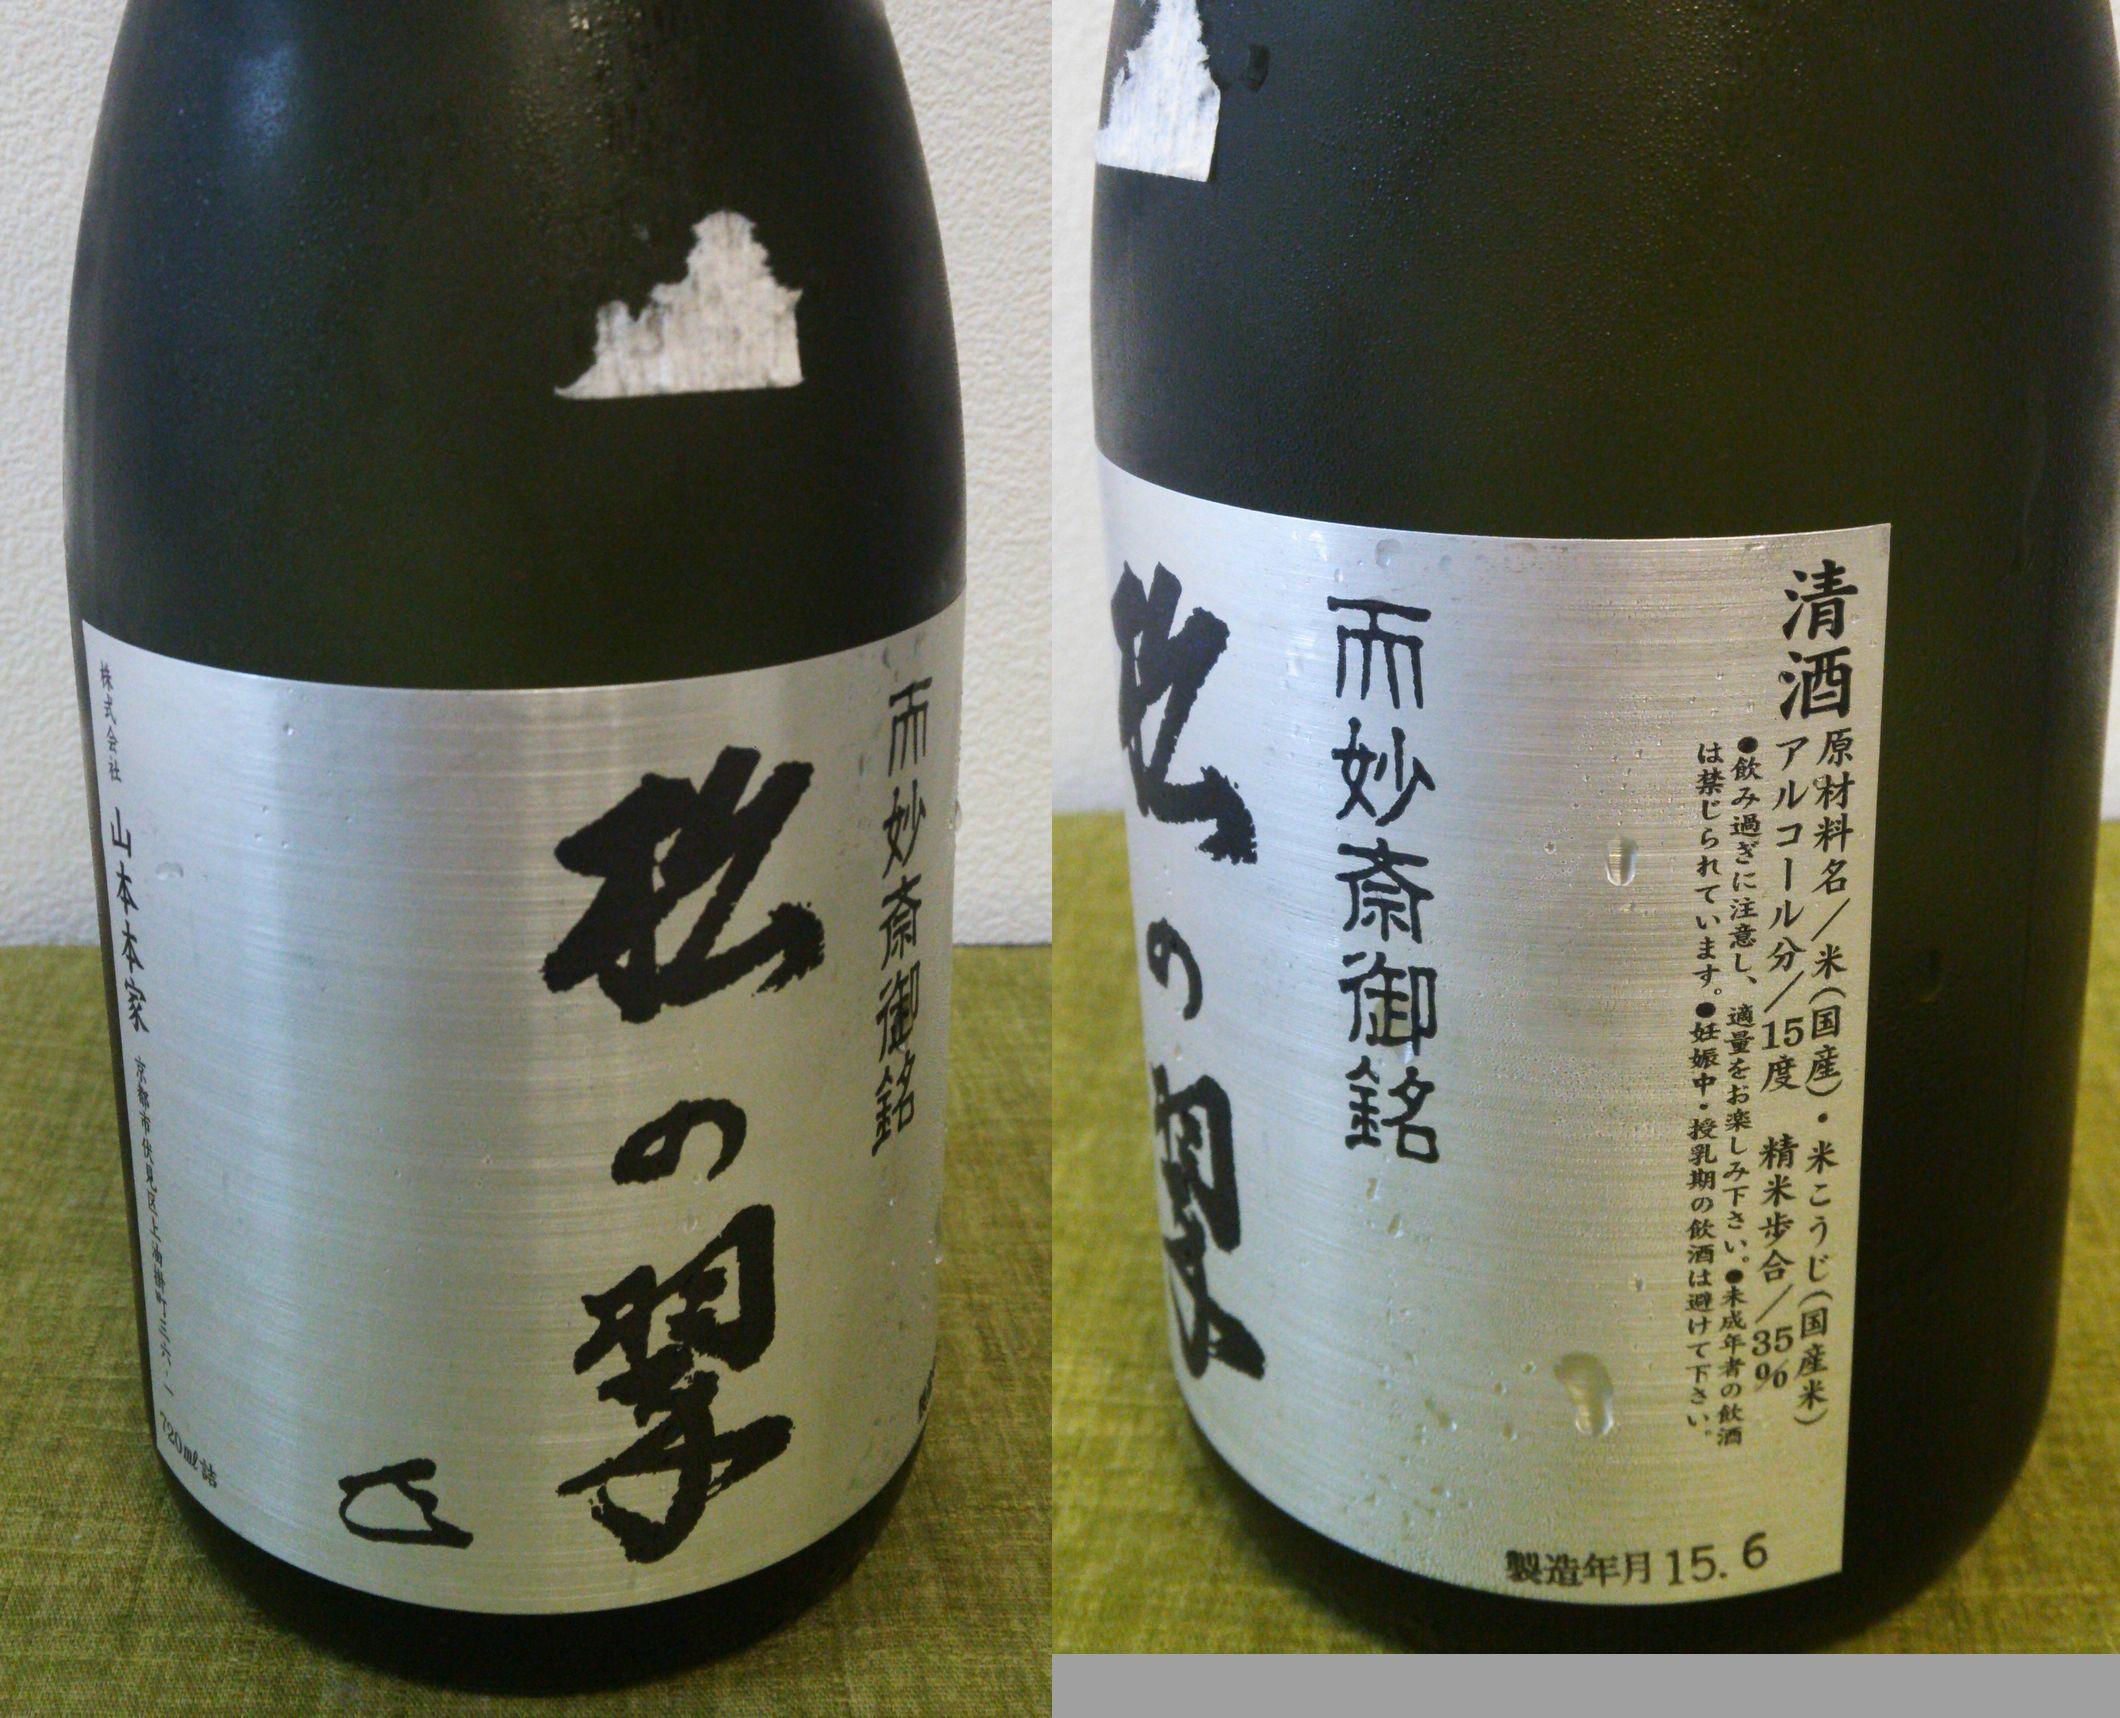 松の翠純米大吟醸